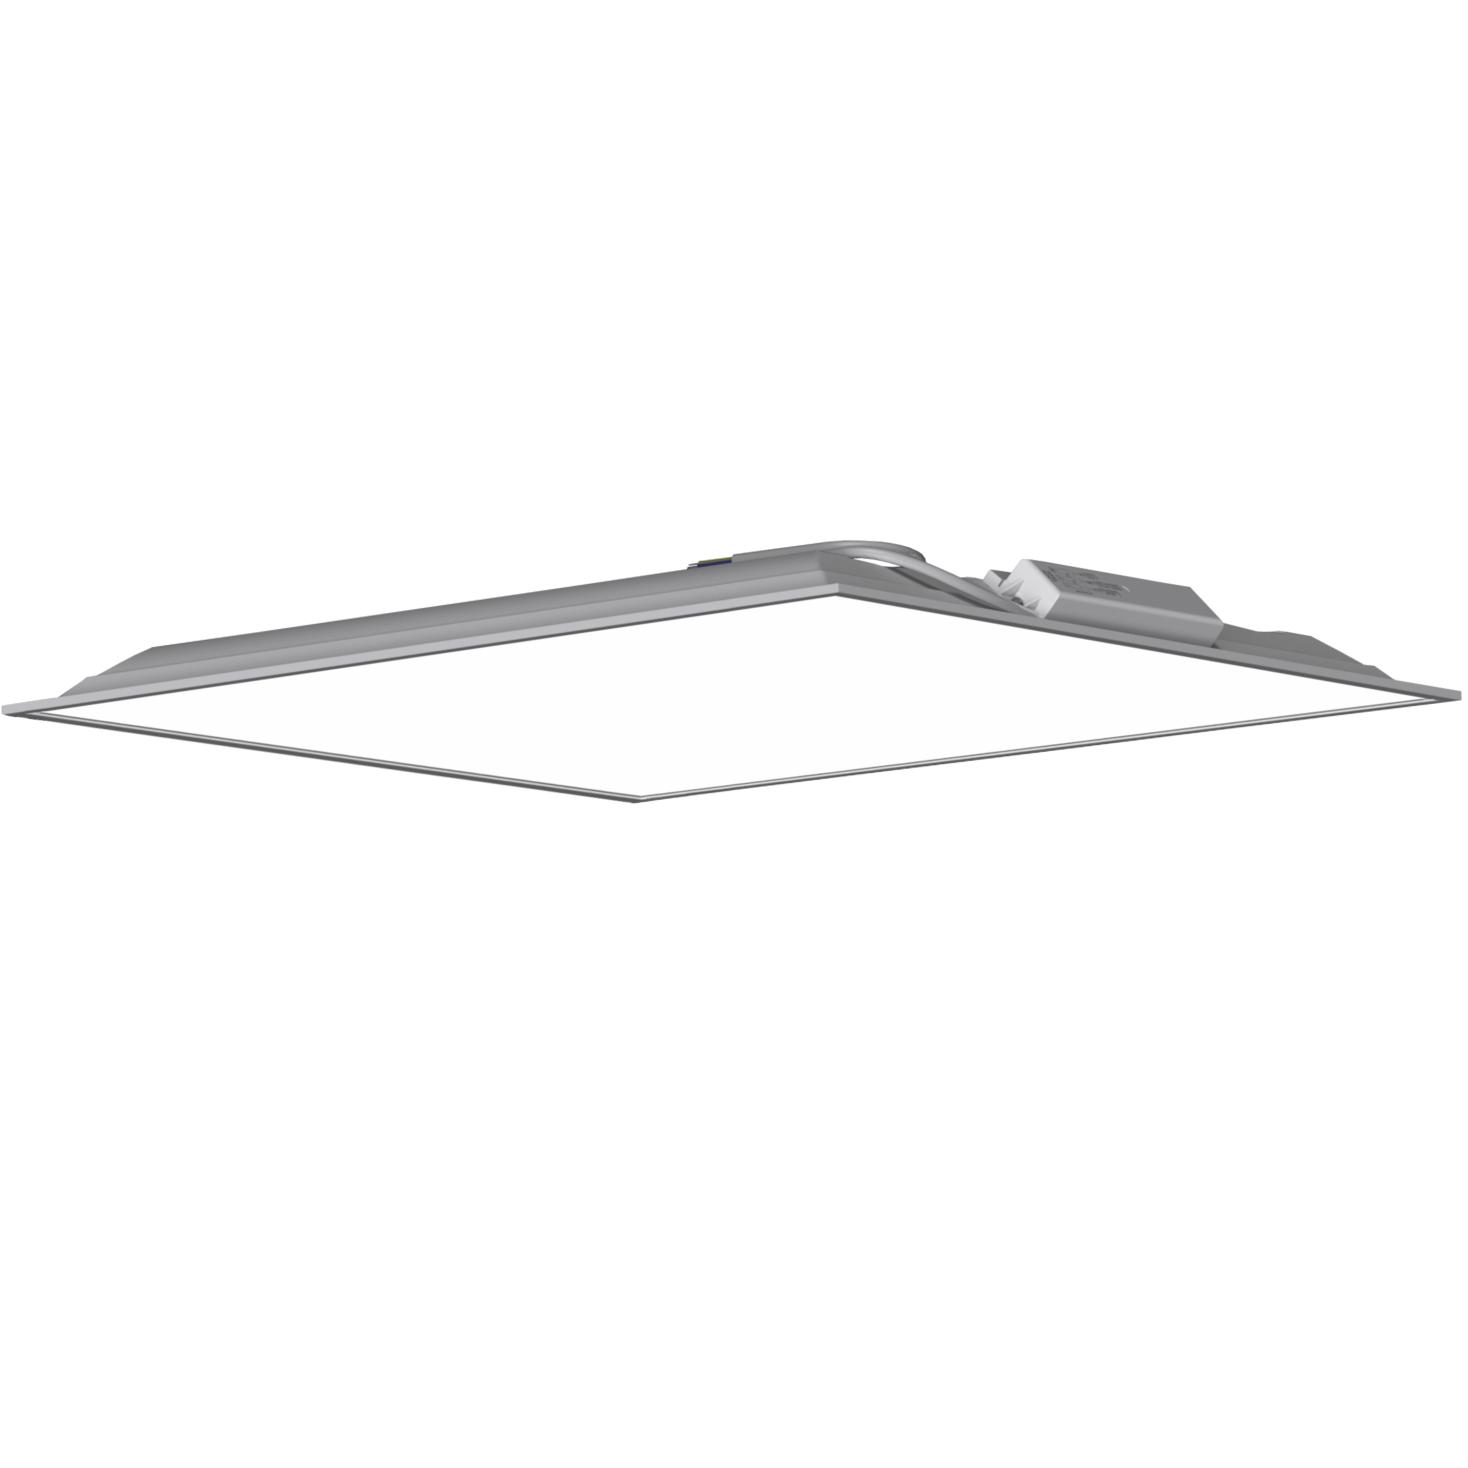 Светодиодное освещение - Светодиодная панель IP67 30W 5000K TNSy 000002346 - Фото 1